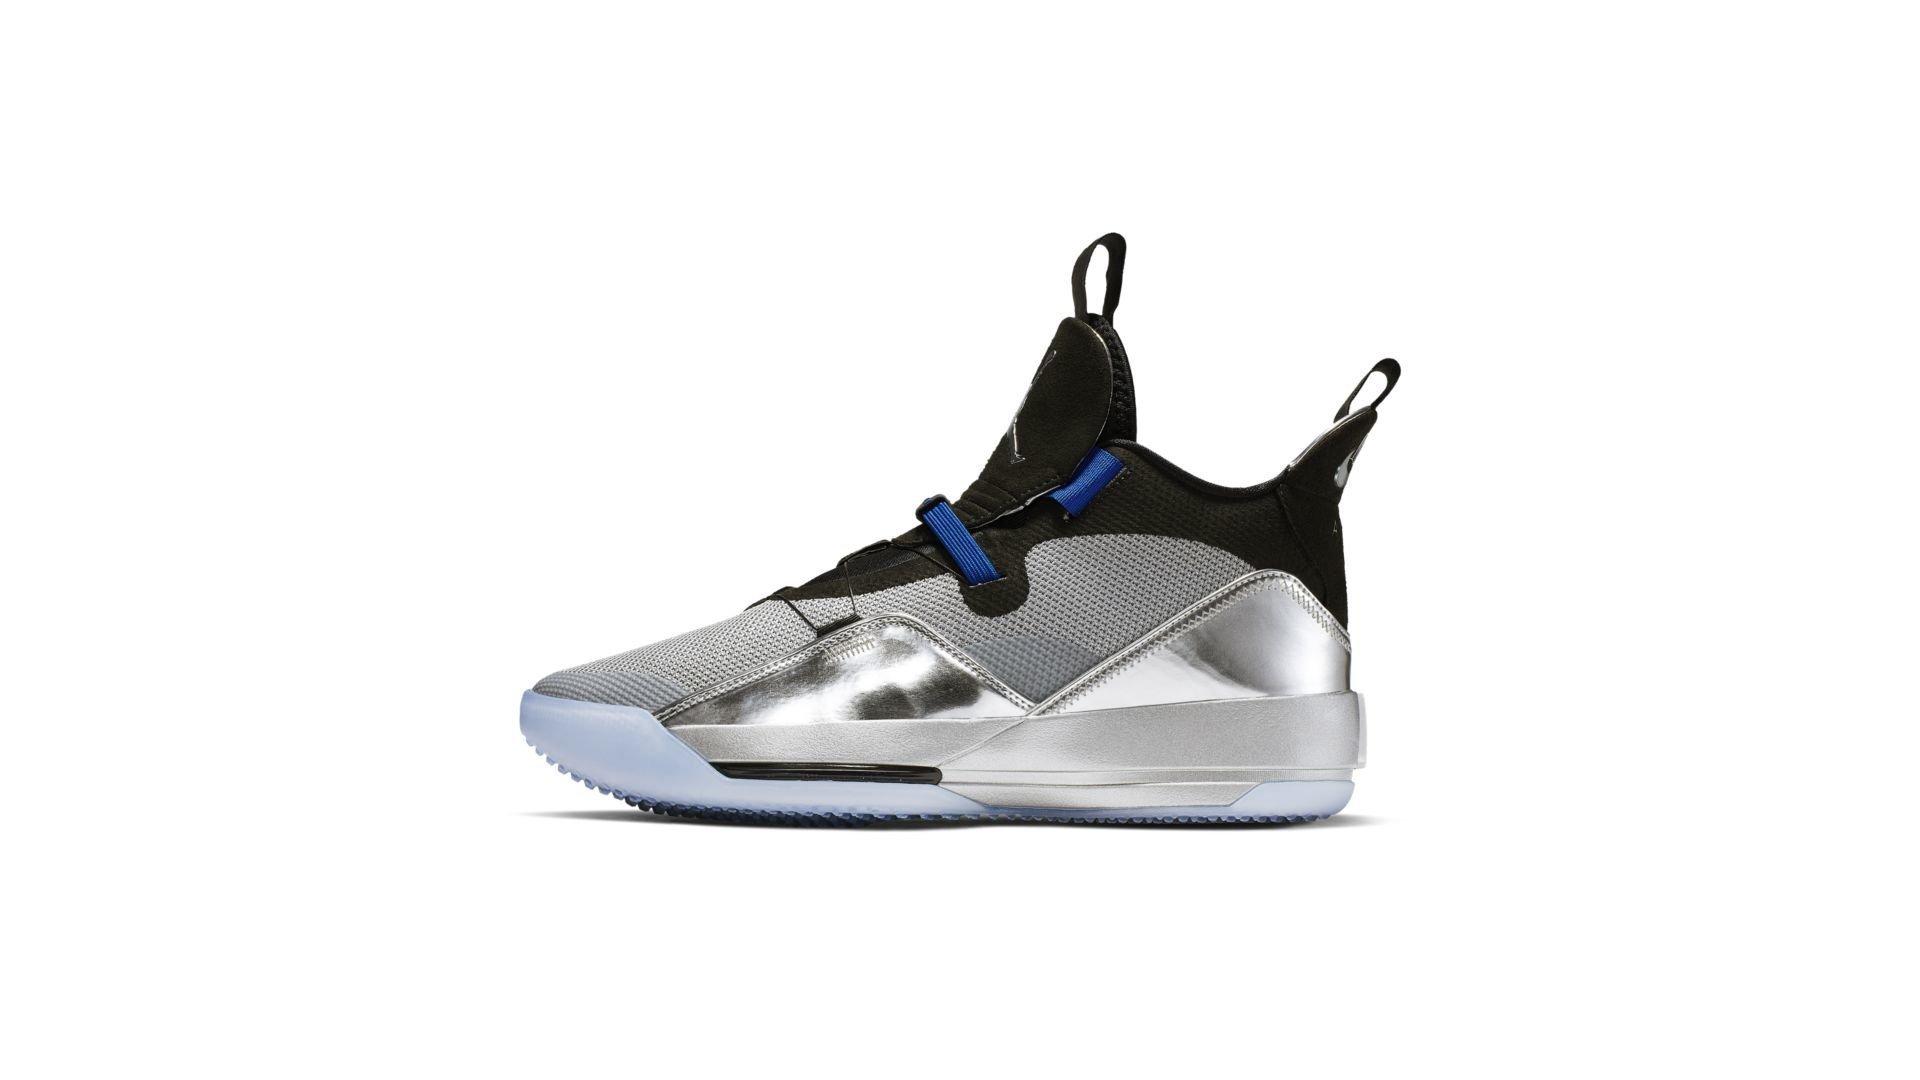 Jordan XXXIII Metallic Silver Black All Star (AQ8830-005)